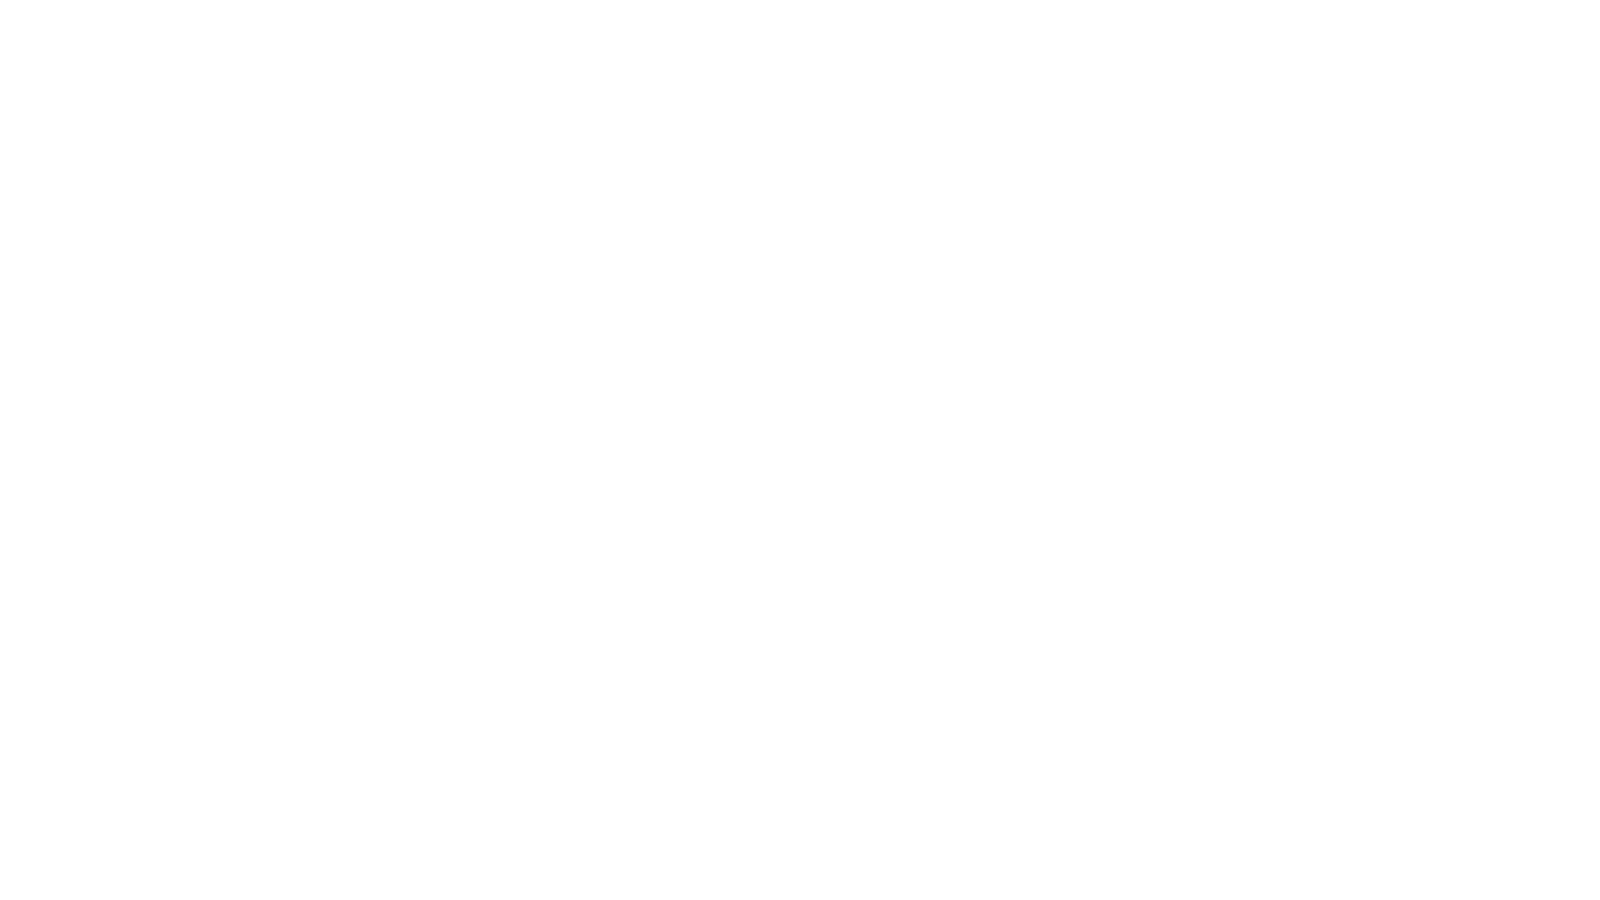 Assunto do dia no Cultivo Indoor Orgânico ao Plantar em Casa: #deficiência de Nitrogenio  ANTES DE MAIS NADA: link para participação da nossa Live no dia 30.09 as 19hr. Cadastre-se e participe do sorteio de vários premios!  https://mailchi.mp/8d689bcbab68/papodegrower  Pessoal... estamos engatando a segunda marcha em nosso novo ciclo. Neste momento de aceleração do estágio vegetativo, é muito alto o consumo de Nitrogênio para que a planta consiga criar proteínas e enzimas capaz de acelerar o seu metabolismo. Saber identificar deficiências é uma habilidade essencial para você cuidar bem das suas plantas!  IMPORTANTE: este canal tem uma proposta puramente educativa e de pesquisa sobre Cultivo Indoor. não estimulamos diretamente ou indiretamente o consumo de qualquer substância.  Confira aqui tudo para a sua #colheita seu #cultivoindoor cultivo em casa: https://www.prazeresdacasa.com.br/grow/  Bora reflorestar este país!!!  Fiquem com Jah!  _ _ _ _ _ _ _ _ _ _ _ _ _ _ _ _ _ _ _ _ _ _ _ _ _ _ _ _ _ _ _ _ _ _ _ _ _ _ _ _ _ _ _ _ _ _ _ _ _ _ _ _ _ _ _ _ _ _ _ _ _ _ _ _ _ _ _ _ _ _ _ _ _ _ _ _ _ _ _ _ _ _ _ _ _ _ _ _ _ _ _ _ _ _ _ _ _ _ _ _ _ _ _ _  Grandes parceiros foram essenciais para agente lançar esta Série de Vídeos!  Delicious Seeds, o maior banco de sementes da Europa pertinho de você! Compre com 20% de desconto usando o Cupom: PRAZERES20 https://www.deliciousseeds.com/es/  Biobizz, O Maior fabricante de Fertlizantes Organicos para Cultivo do mundo! https://www.biobizz.com/es/  A Prazeres da Casa tem tudo para Cultivo Indoor para você! prazeresdacasa.com.br/grow  Blog: Cultivando o Sustento! Sempre conteúdo de primeira para vc aprender a fazer o seu cultivo! cultivandosustento.com.br  SAC (Serviço de Ajuda ao Cultivador): https://t.me/cultivandosustento  Midias sociais: https://www.facebook.com/prazeresdacasagrowshop  https://www.facebook.com/cultivandosustentogrow https://www.instagram.com/prazeresdacasa_growshop https://www.instagram.com/cultivandosustento/  _ _